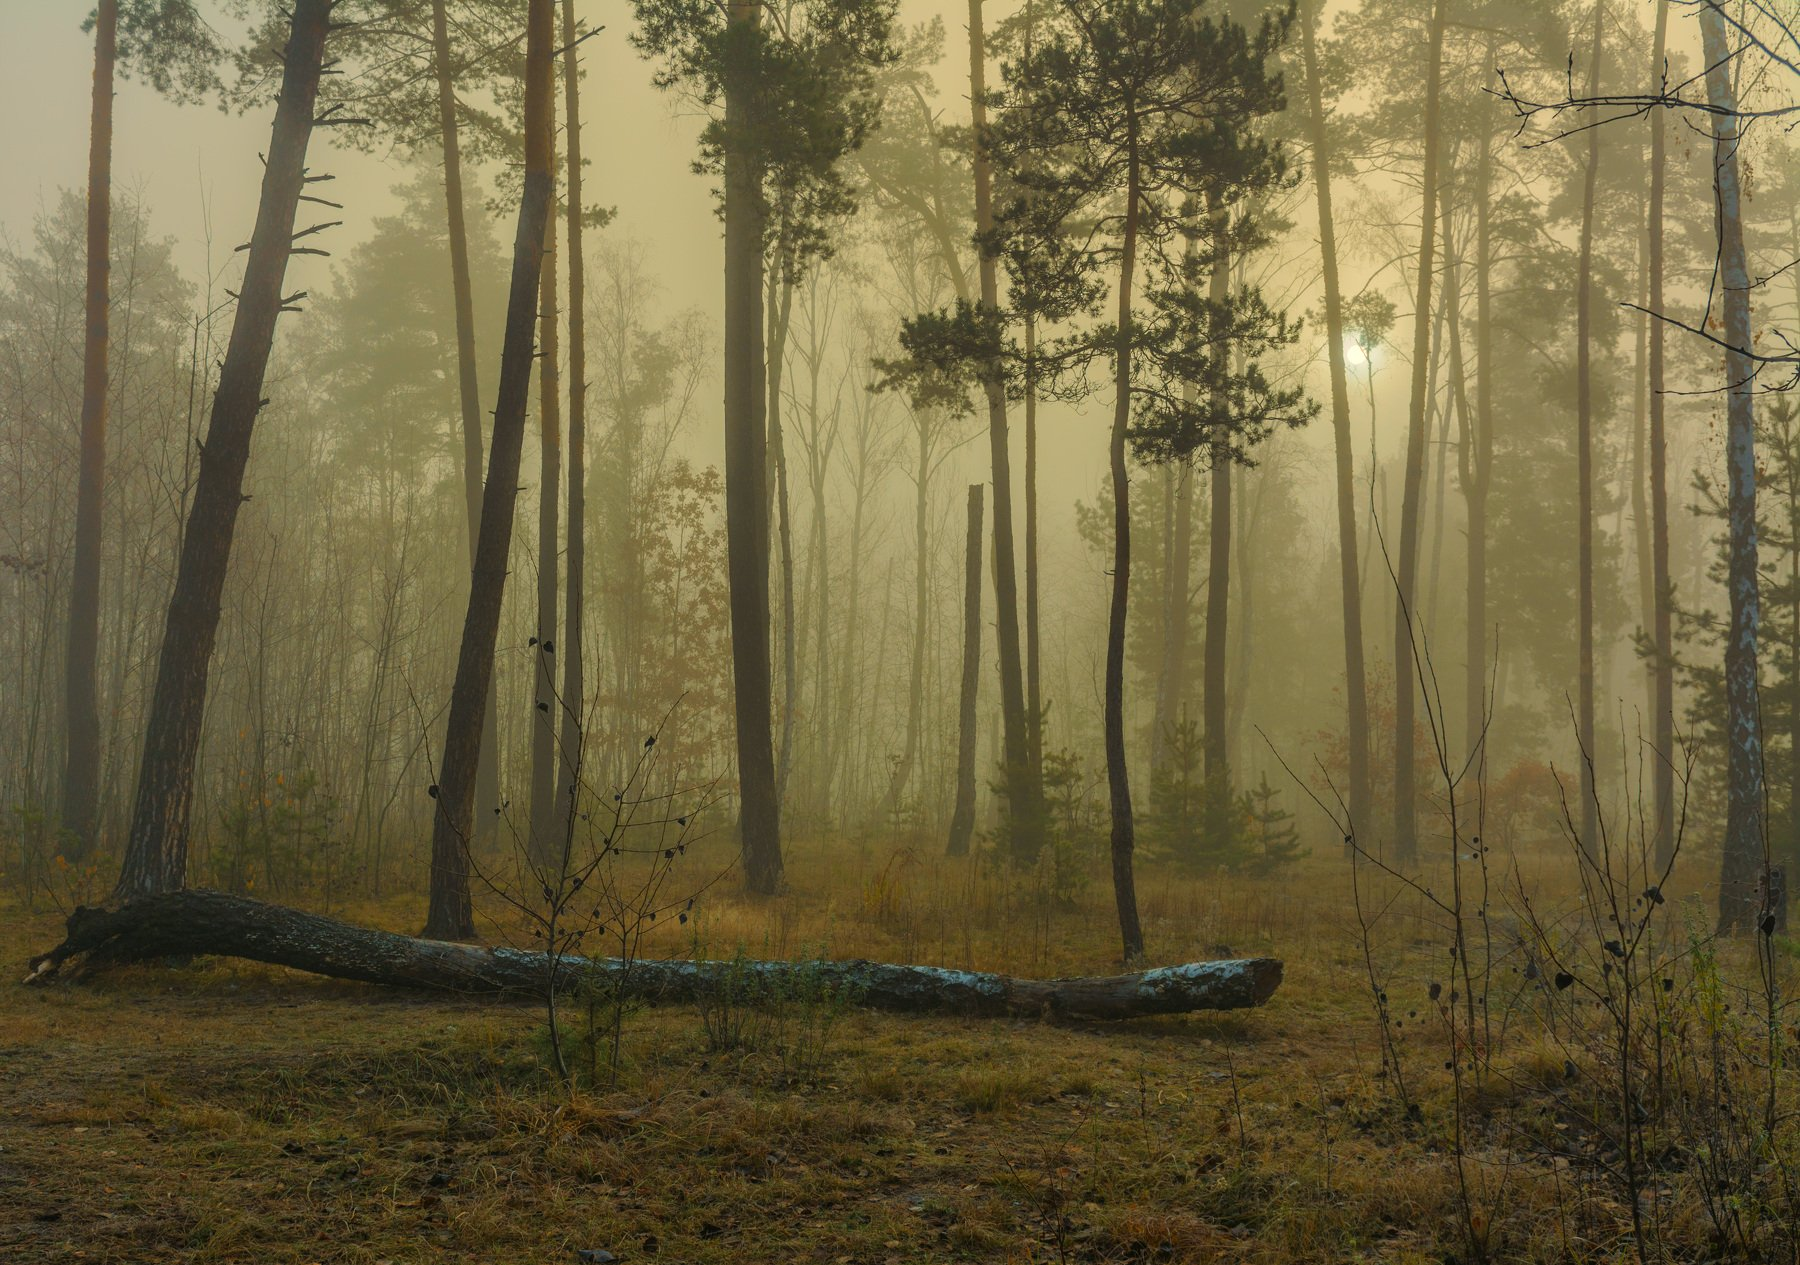 landscape, пейзаж, утро, лес, сосны, деревья, туман, утро, березы, солнце, природа, осень, Михаил MSH